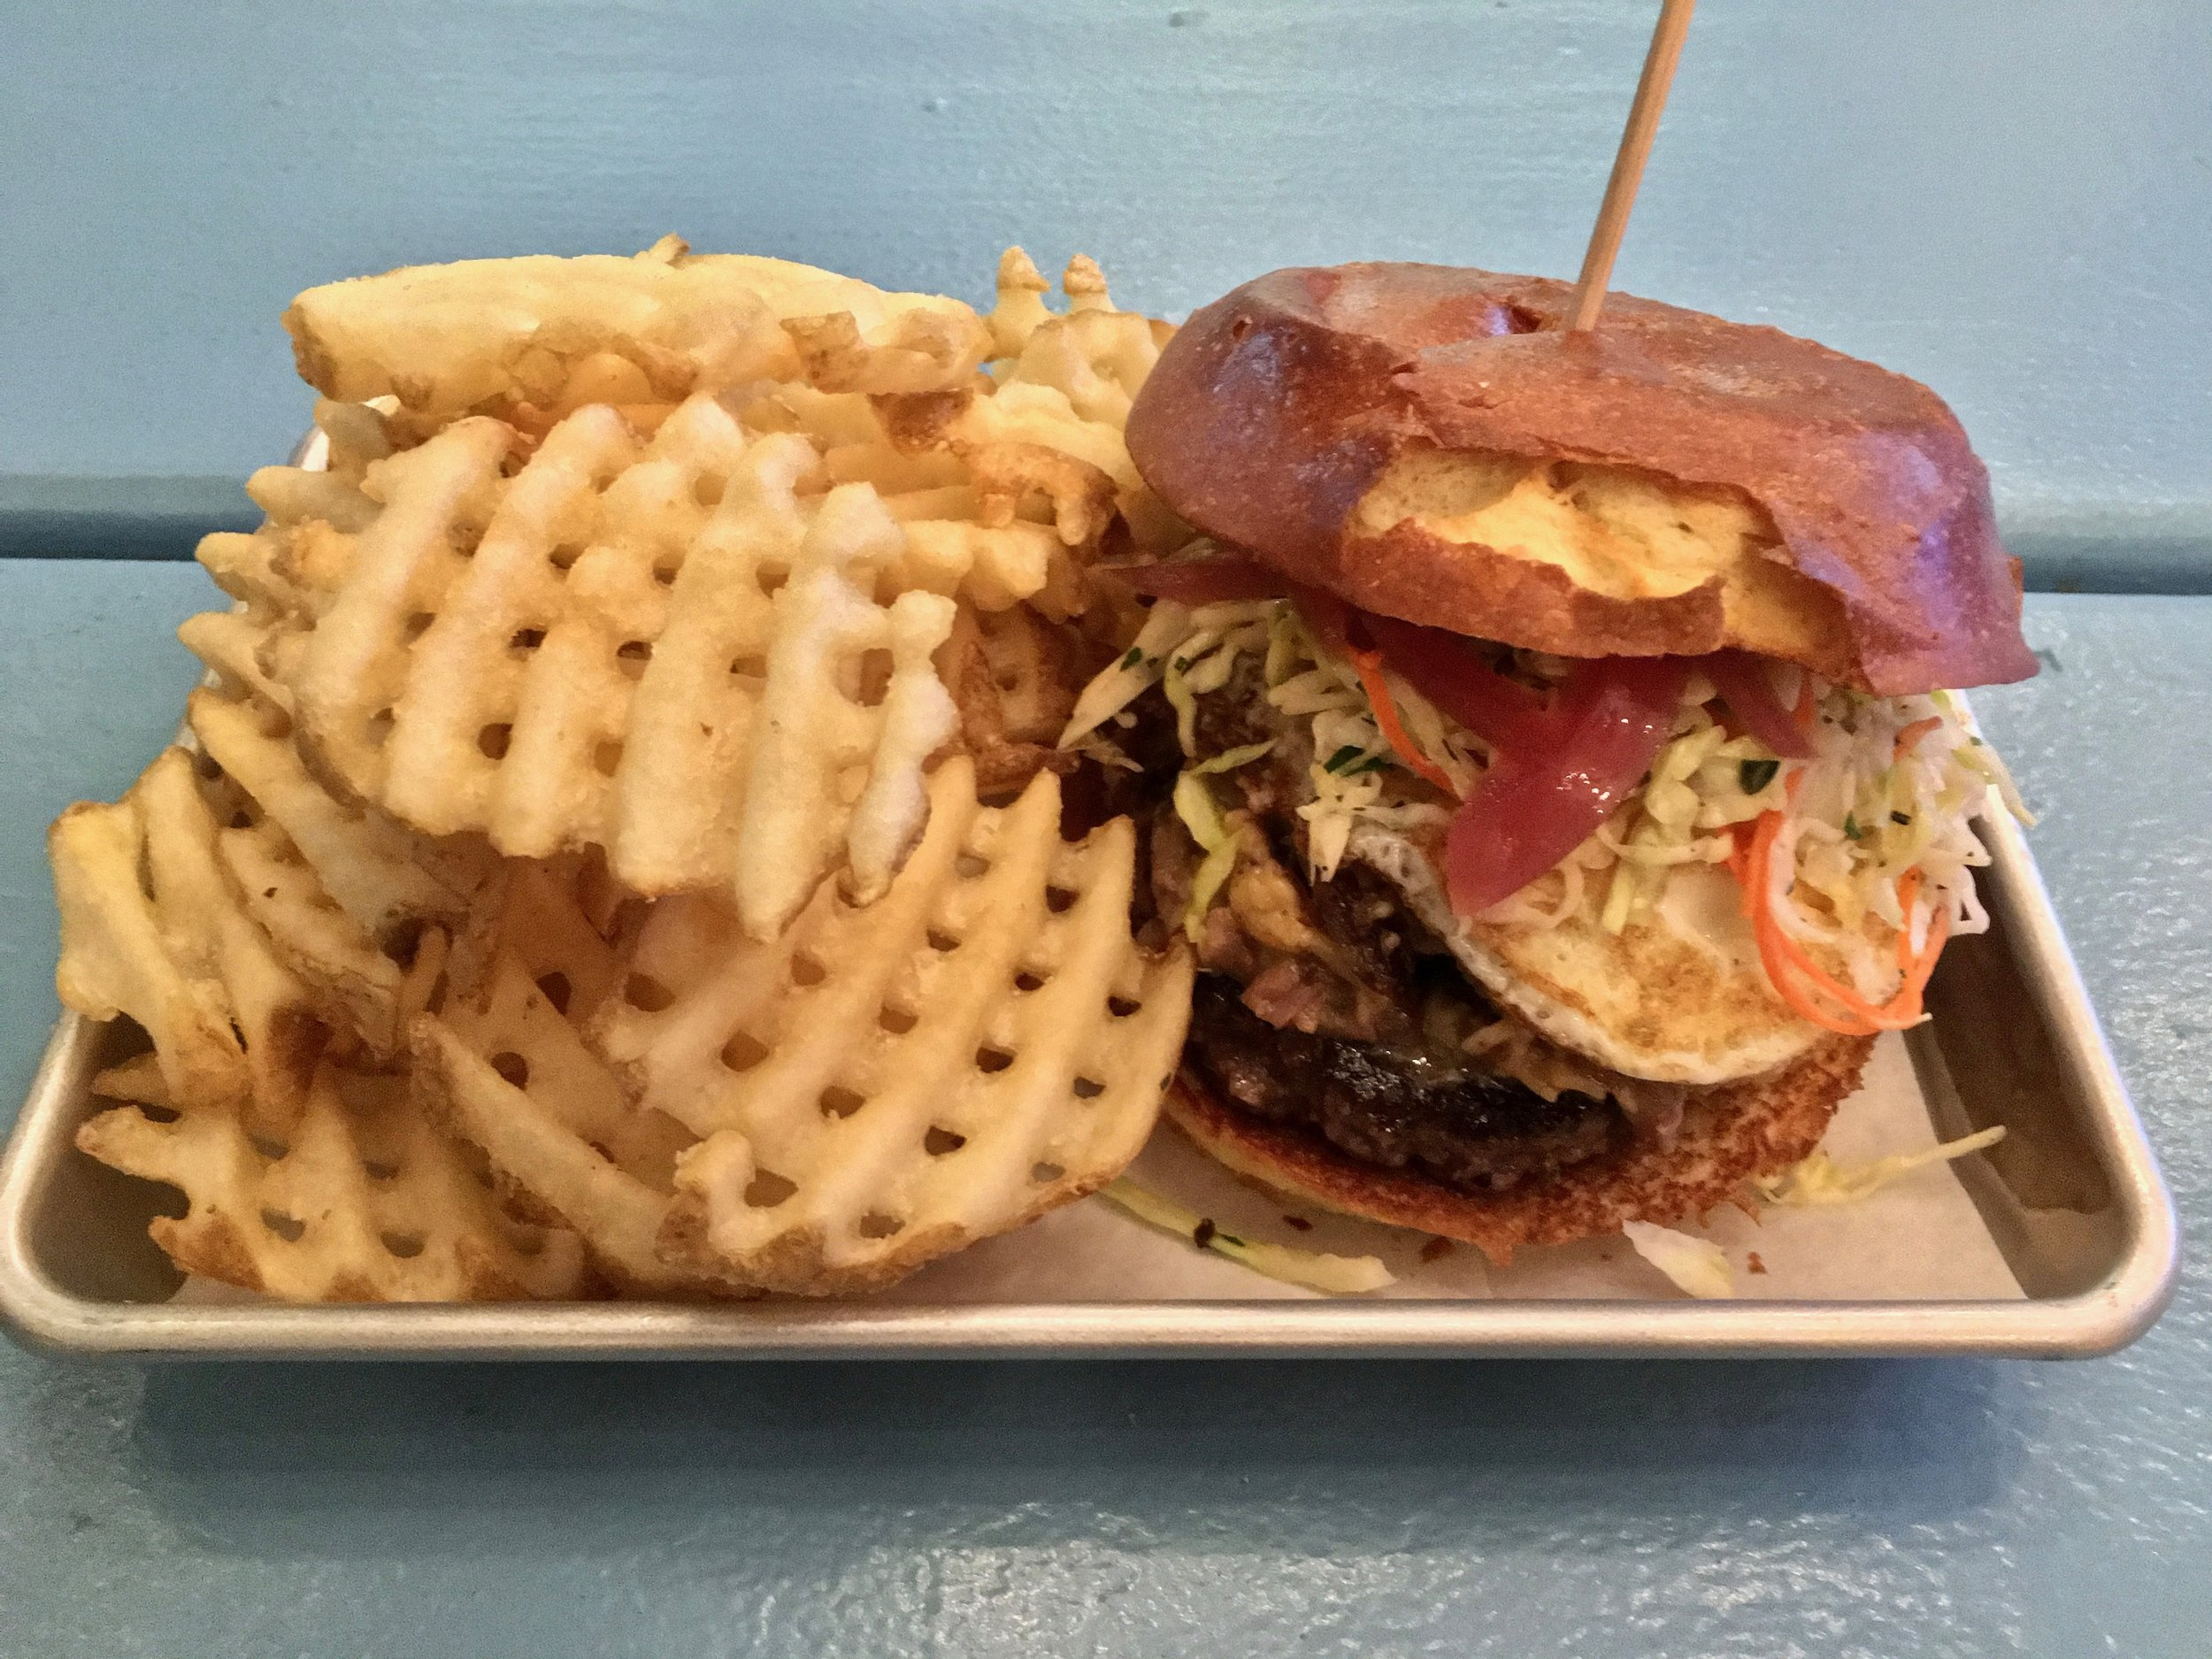 the mason dixon burger and waffle fries